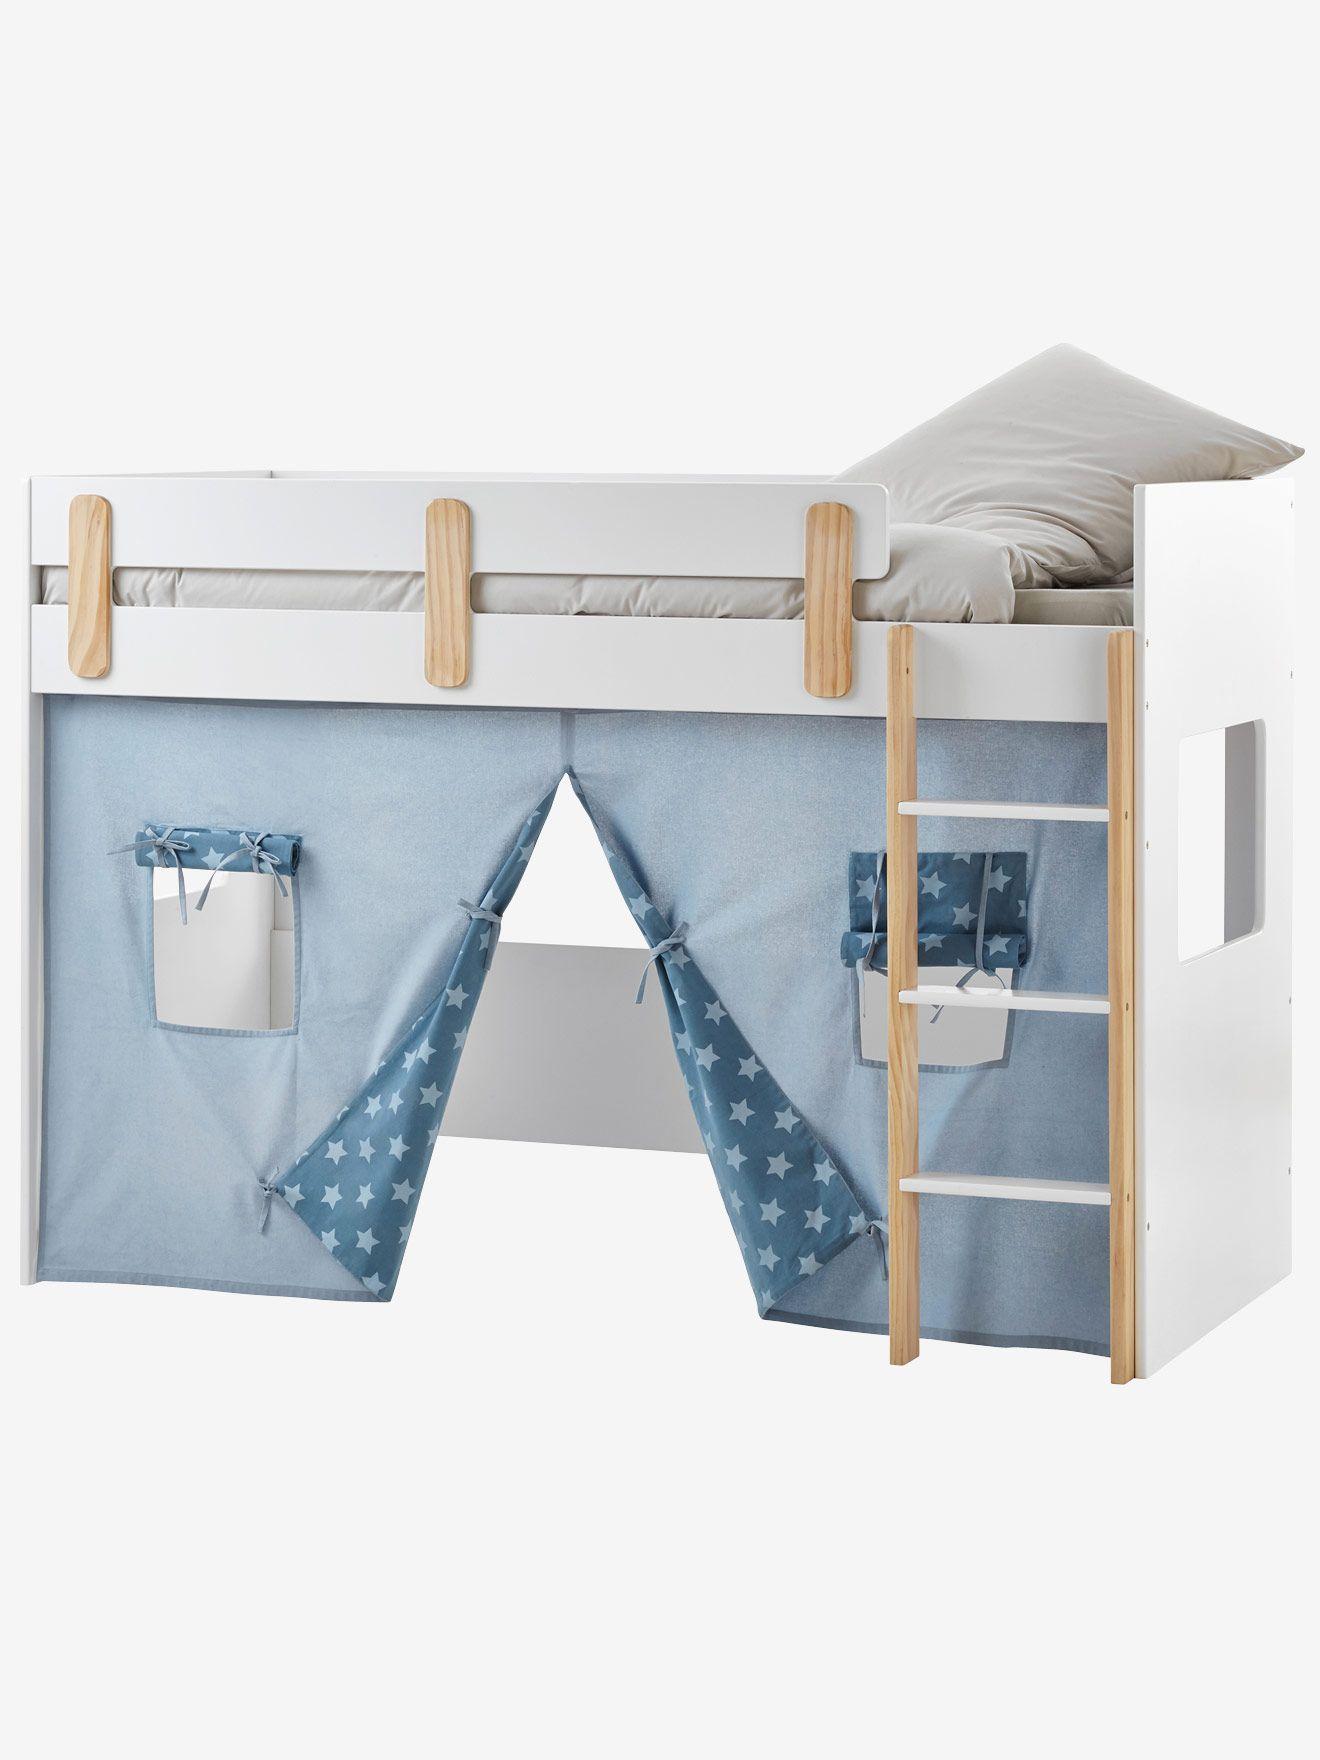 transformez le lit surlev everest en lit cabane en le dotant de ce rideau tente dcoratif - Lit Sureleve